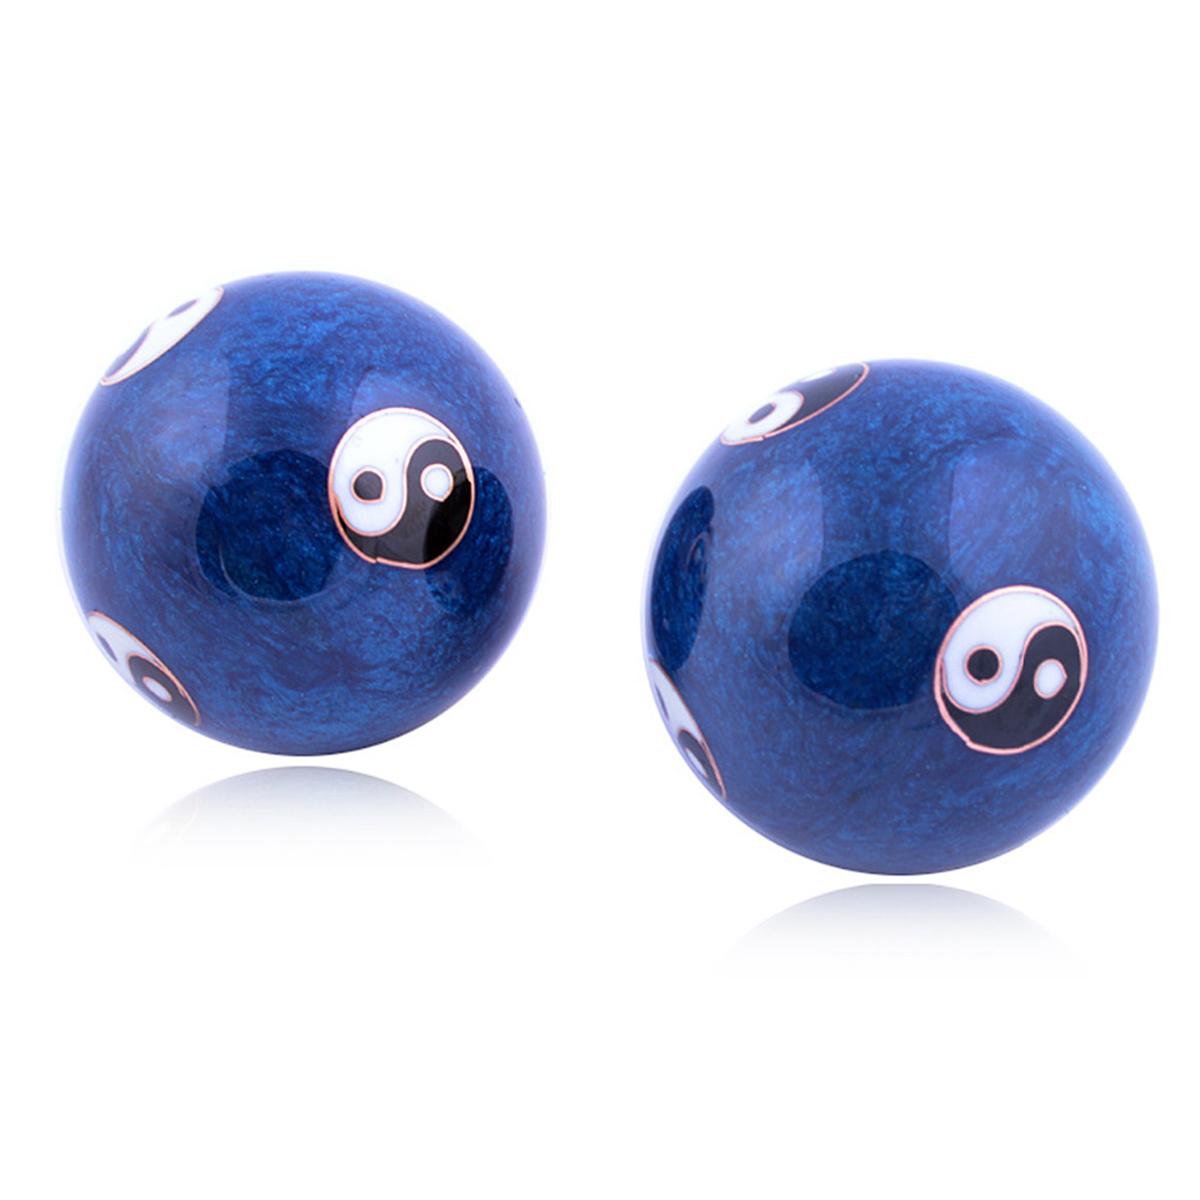 Китайский Здоровье Ball Ежедневный Упражнение Стресс Relief Гандбол Терапия Massager Balls - фото 2